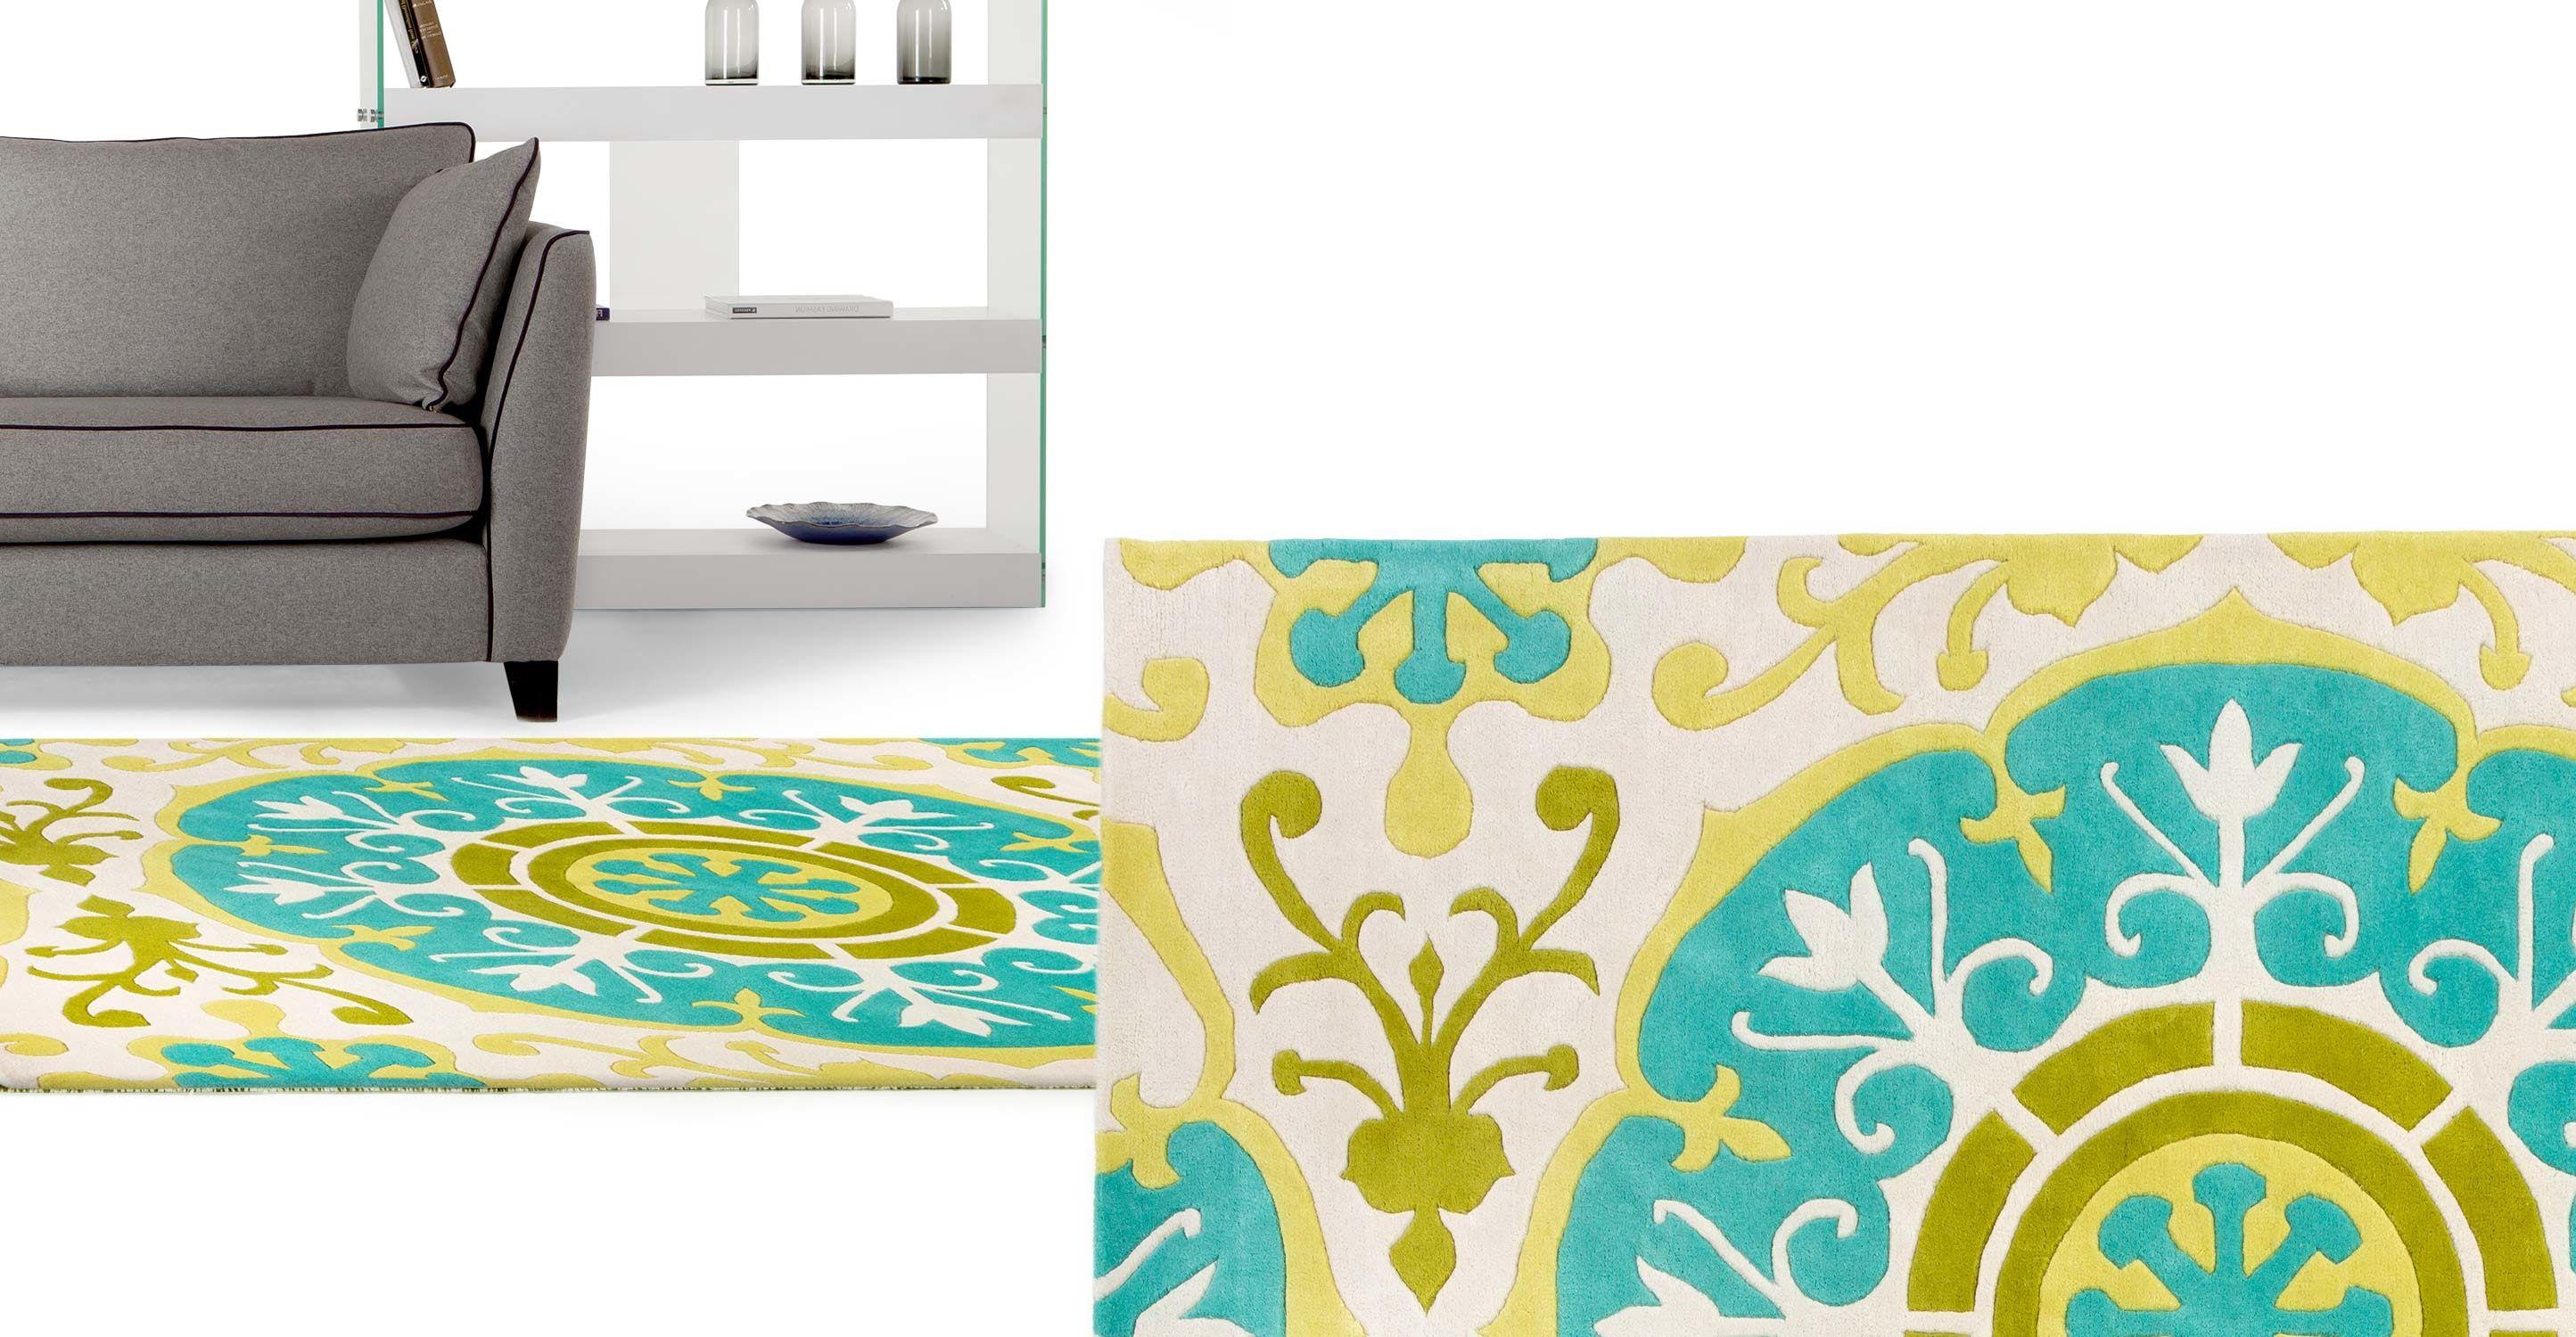 moroc teppich 170 x 240 cm t rkis und gelb einrichten t rkis zuhause und gelb. Black Bedroom Furniture Sets. Home Design Ideas